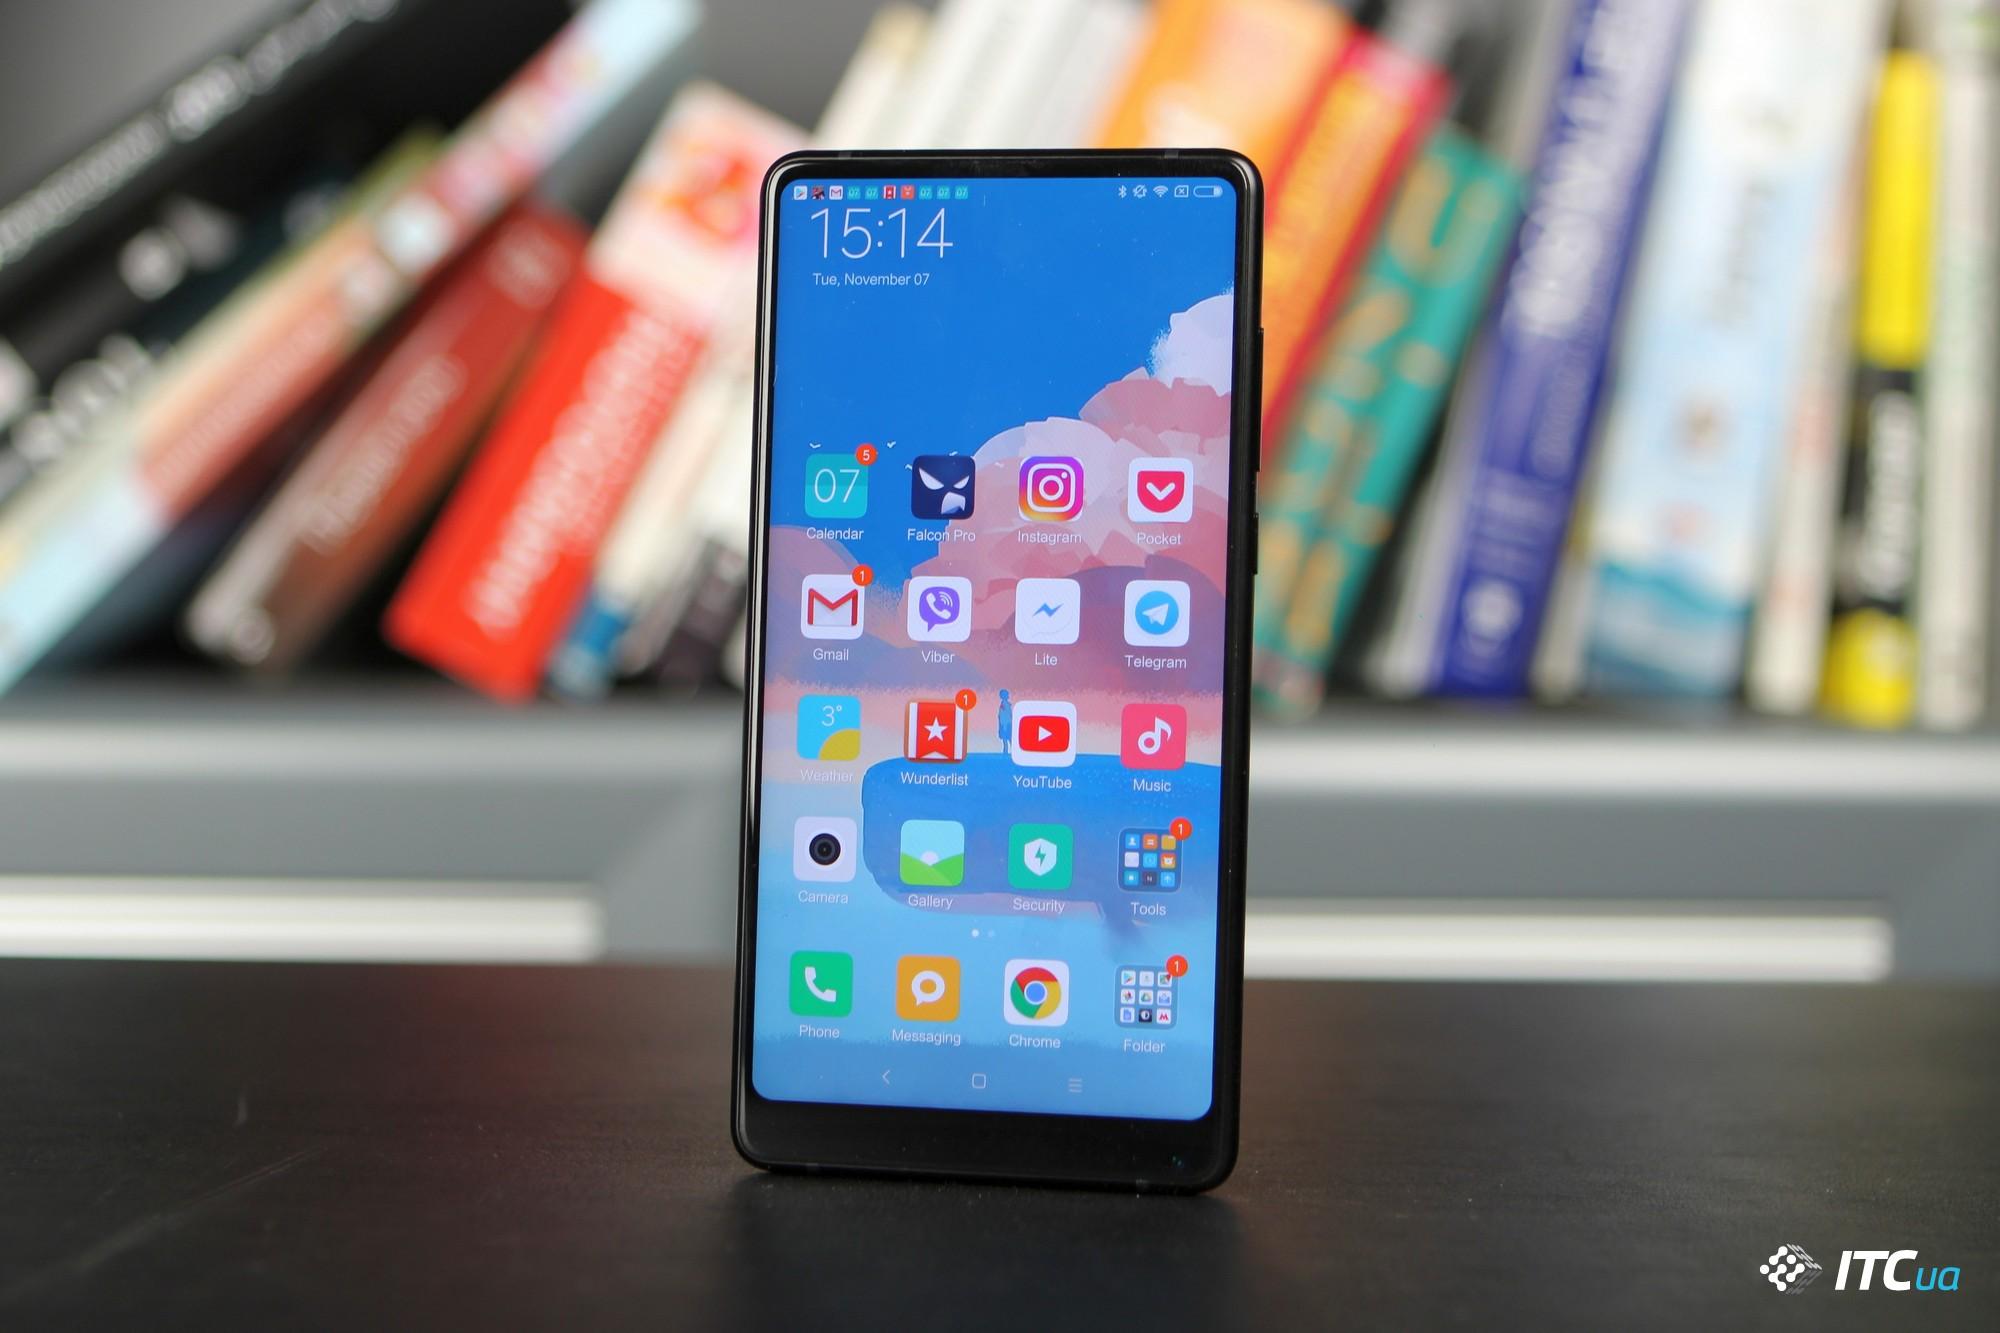 Изображения безрамочного смартфона Xiaomi Mi Mix 3 указывают на наличие у него выдвижной фронтальной камеры как у Vivo NEX